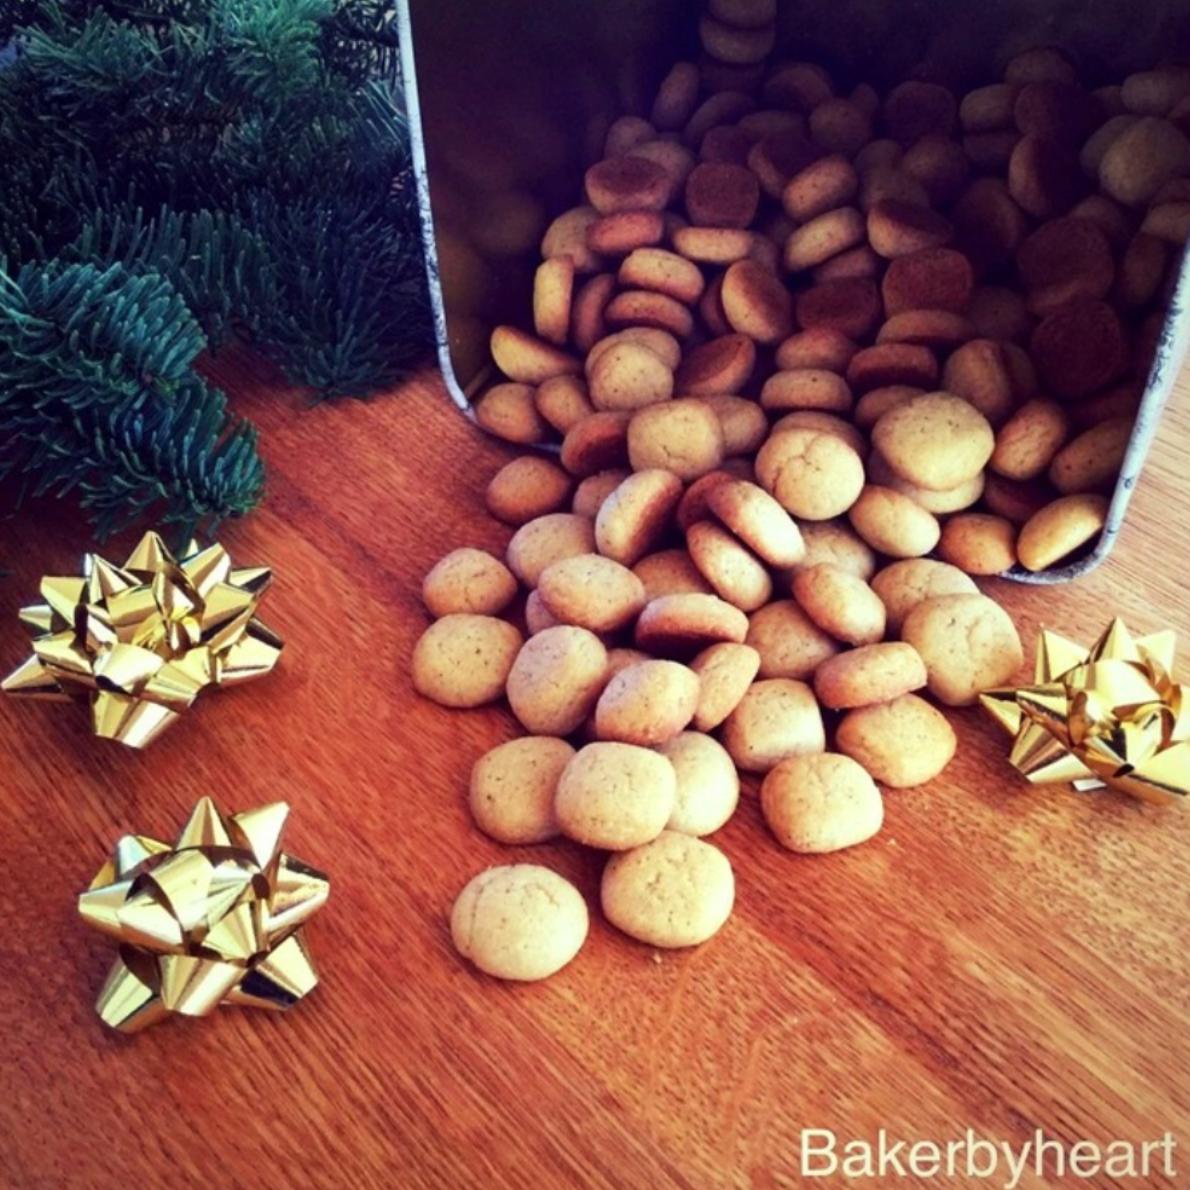 Pebernødder a la Lagkagehuset